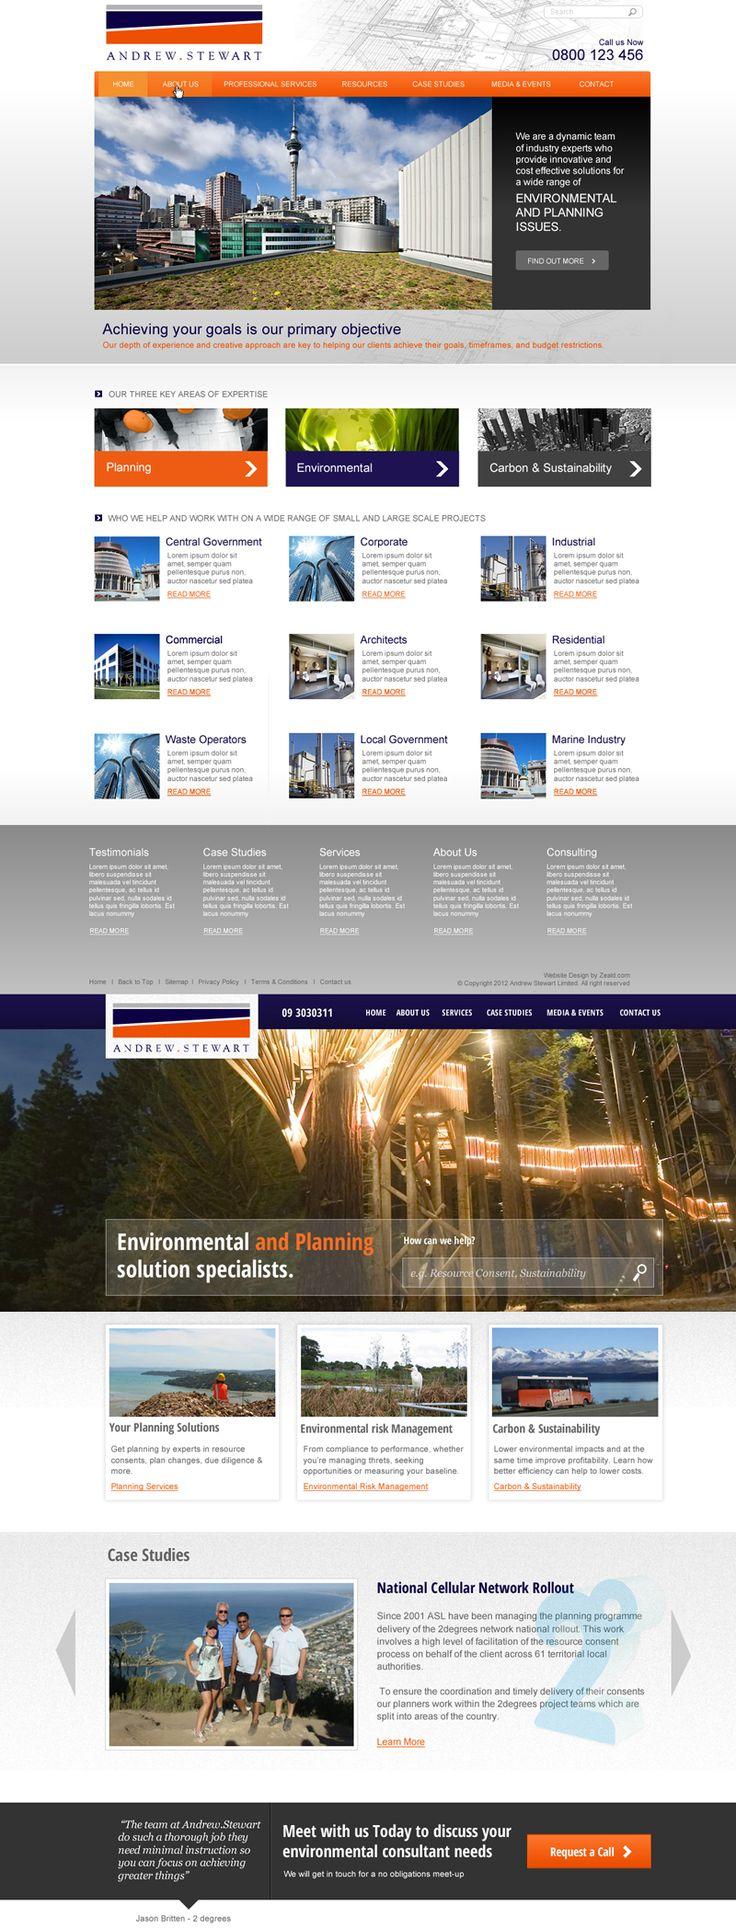 Andrew Steward website redesign